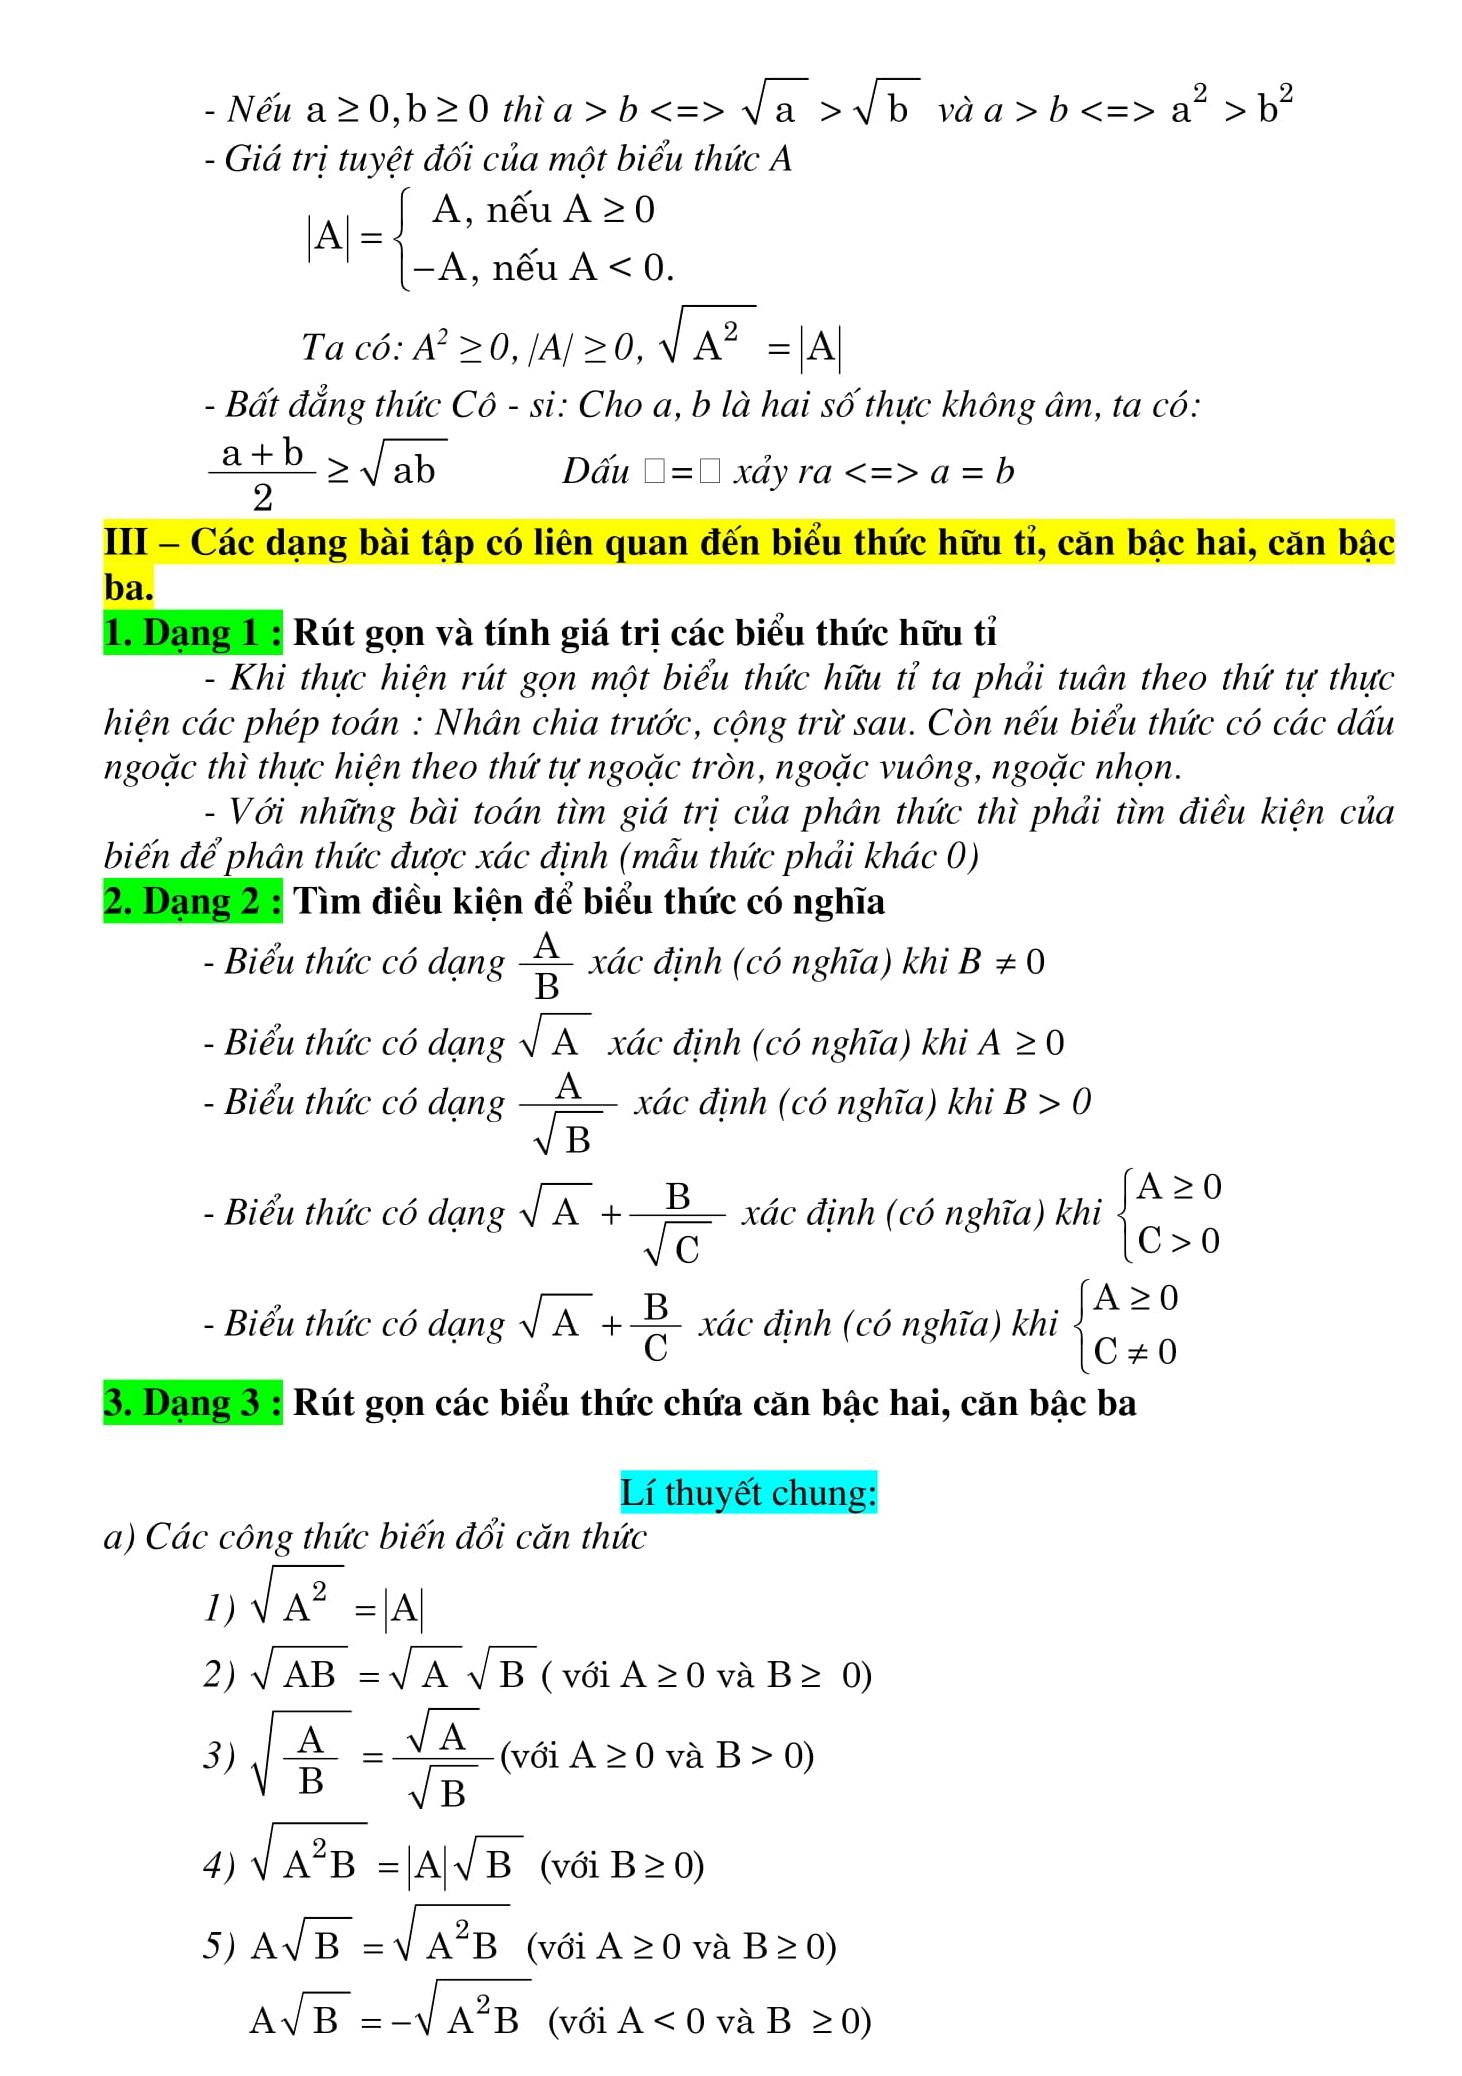 Tổng hợp lý thuyết Toán THCS giúp ôn tập hiệu quả640